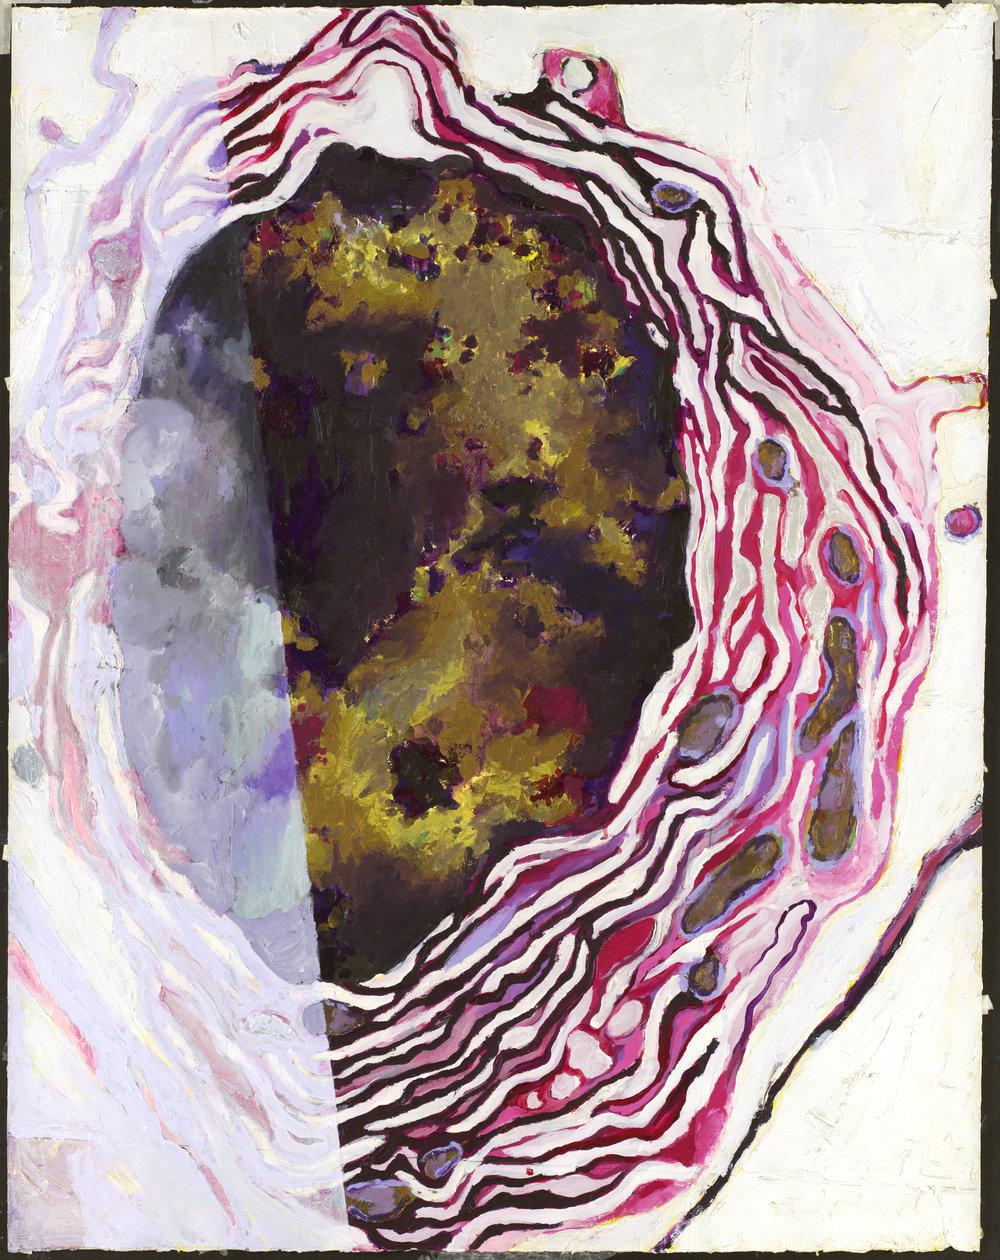 Cells: C-24, 1988